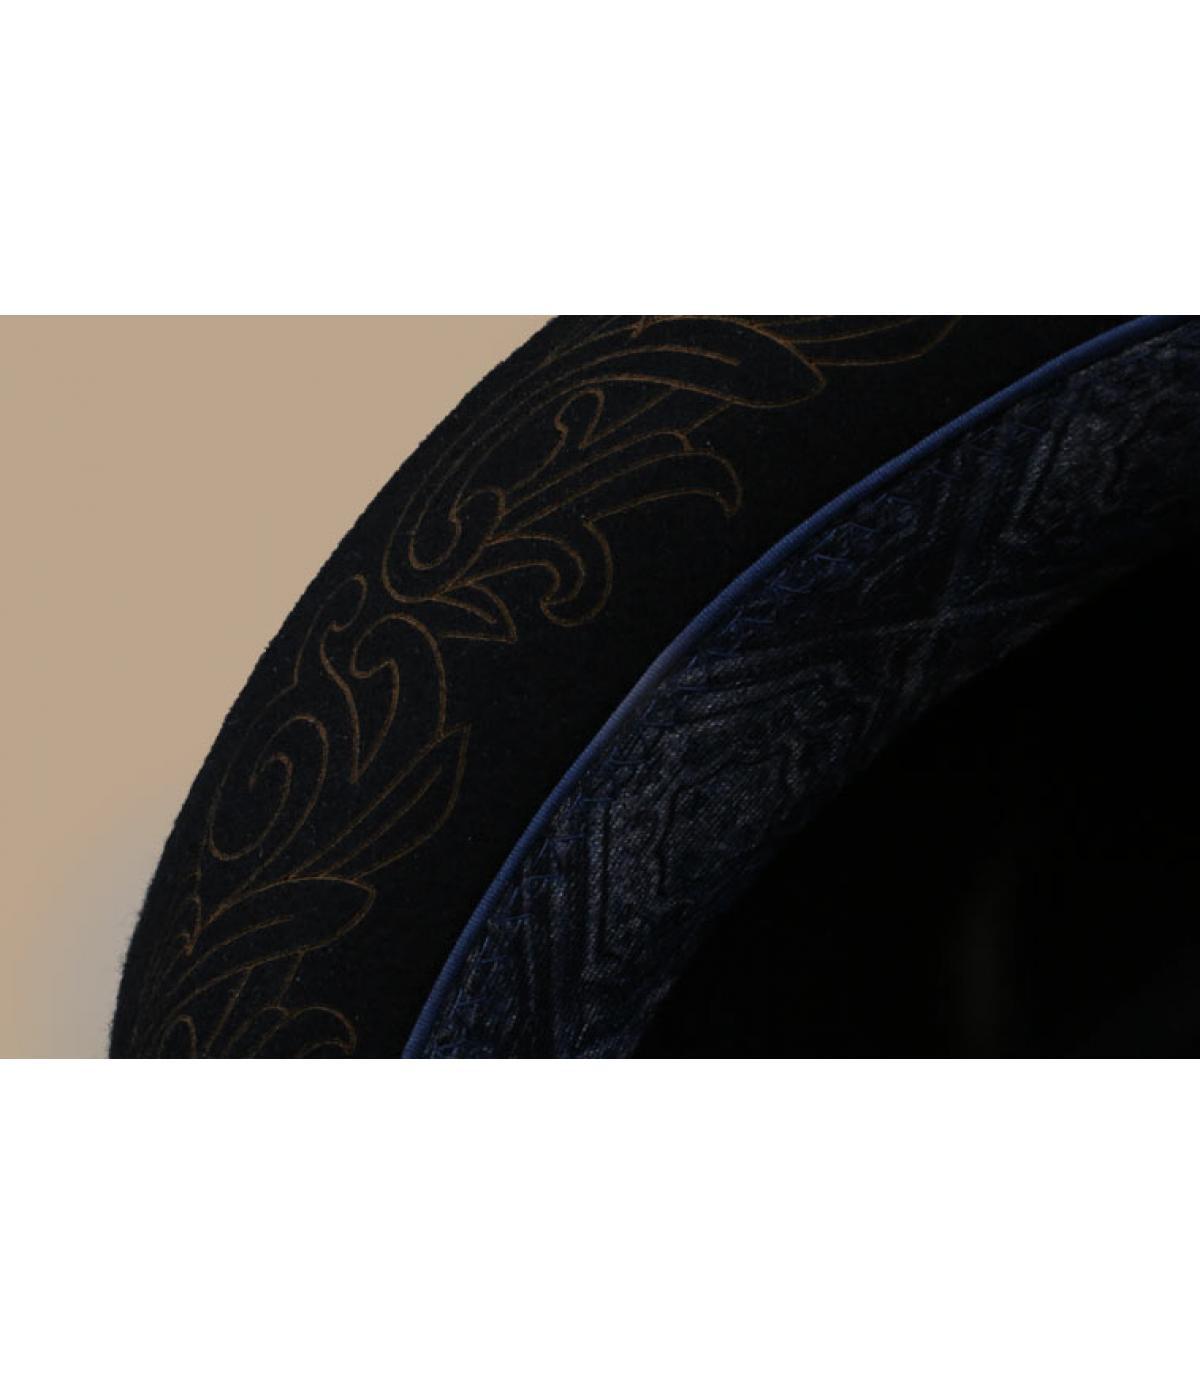 Dettagli Diamond Woolfelt black - image 4